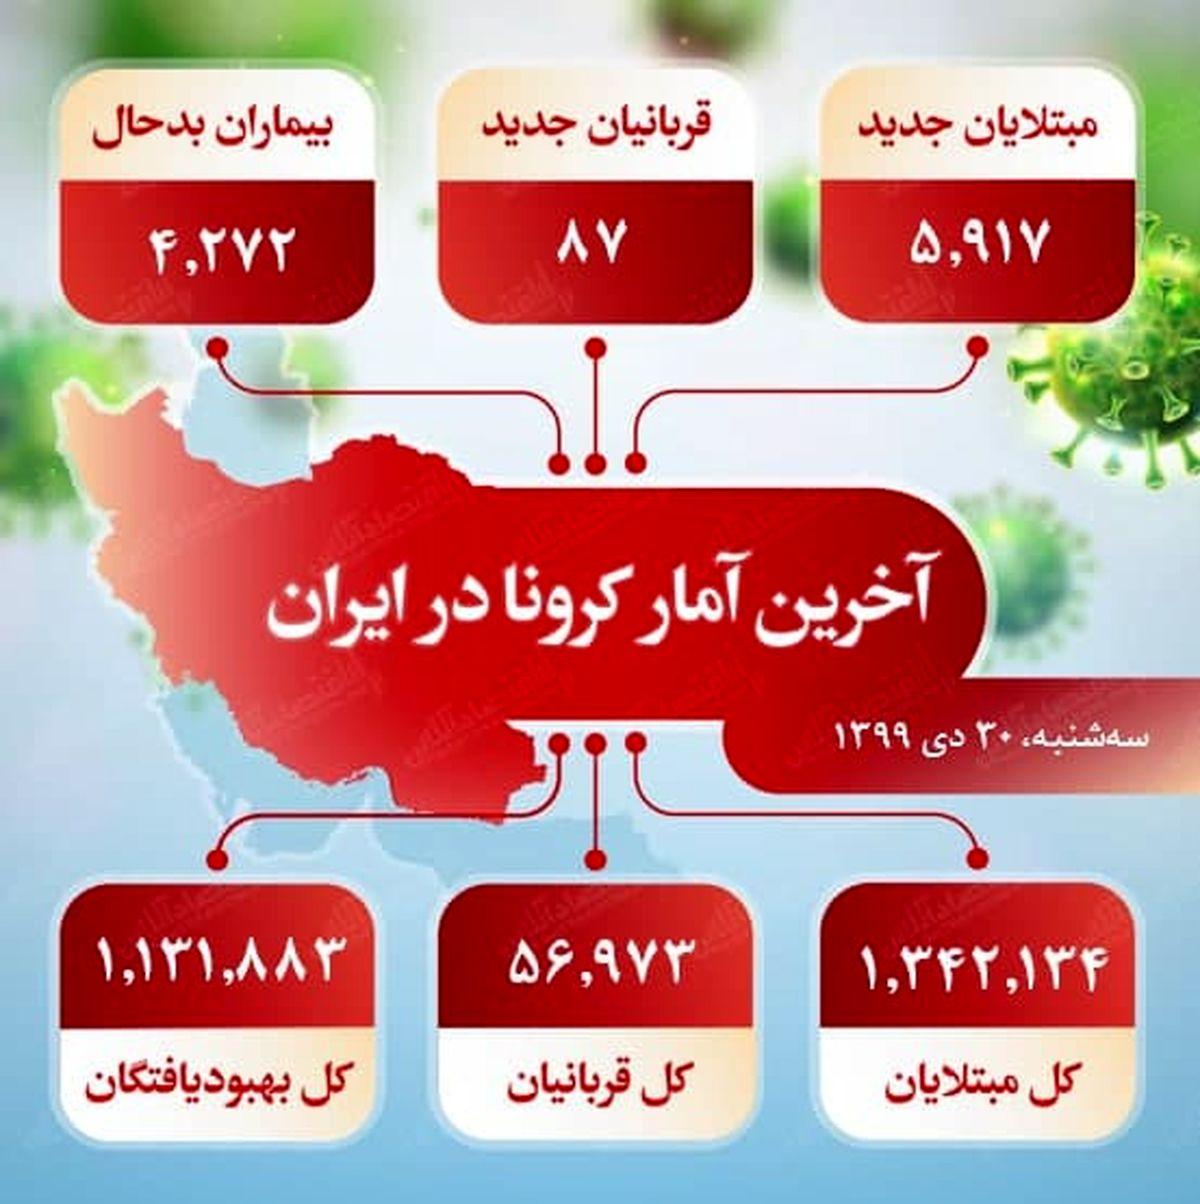 آخرین آمار کرونا در ایران (۹۹/۱۰/۳۰)